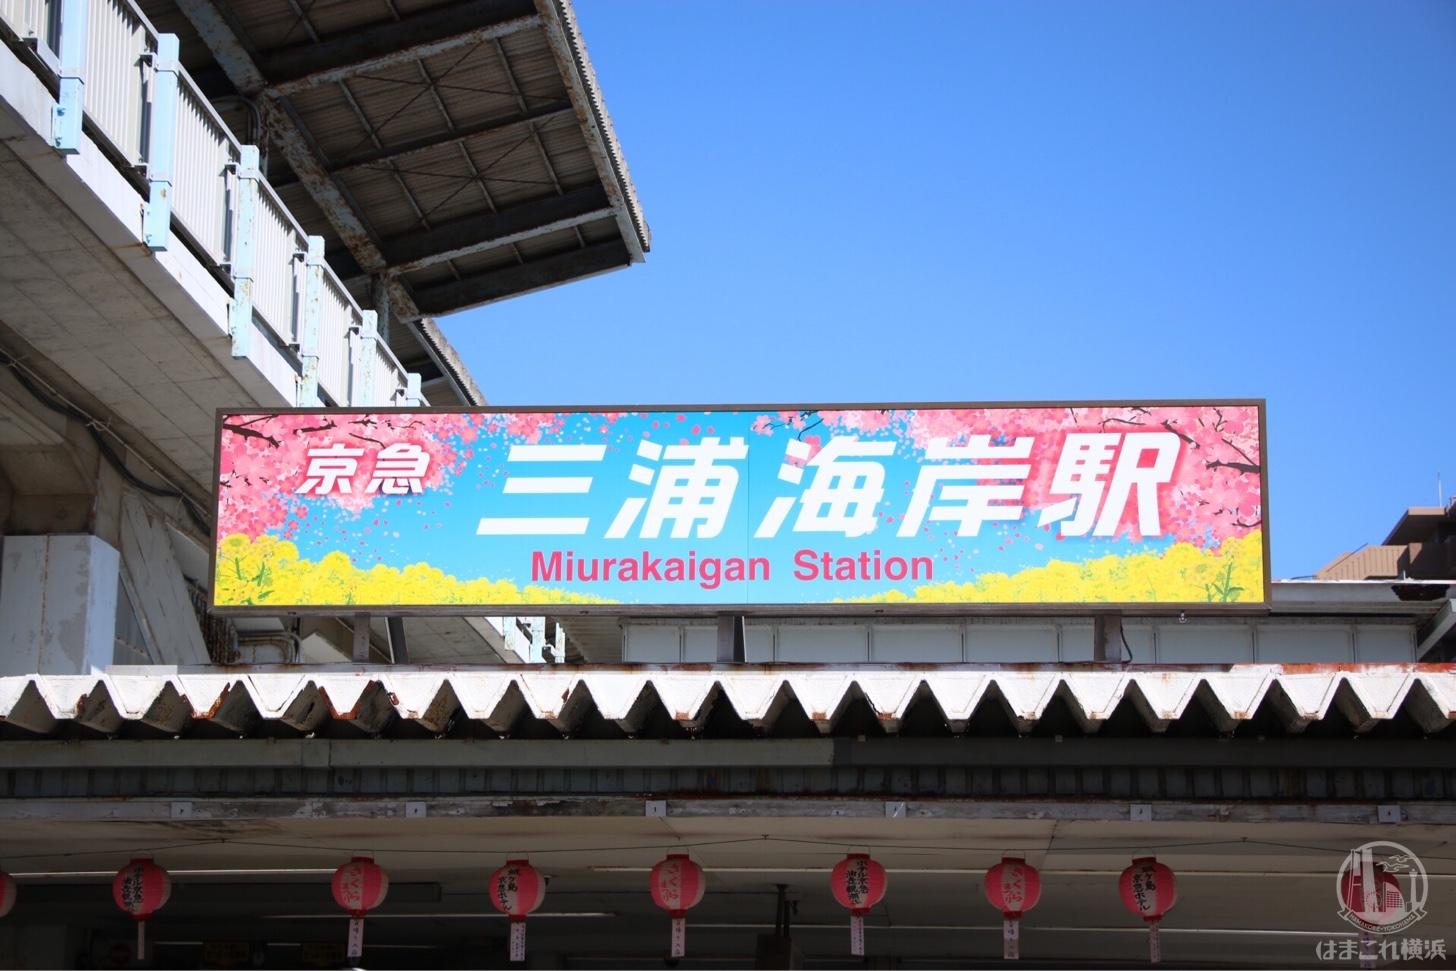 三浦海岸駅 桜仕様の標識